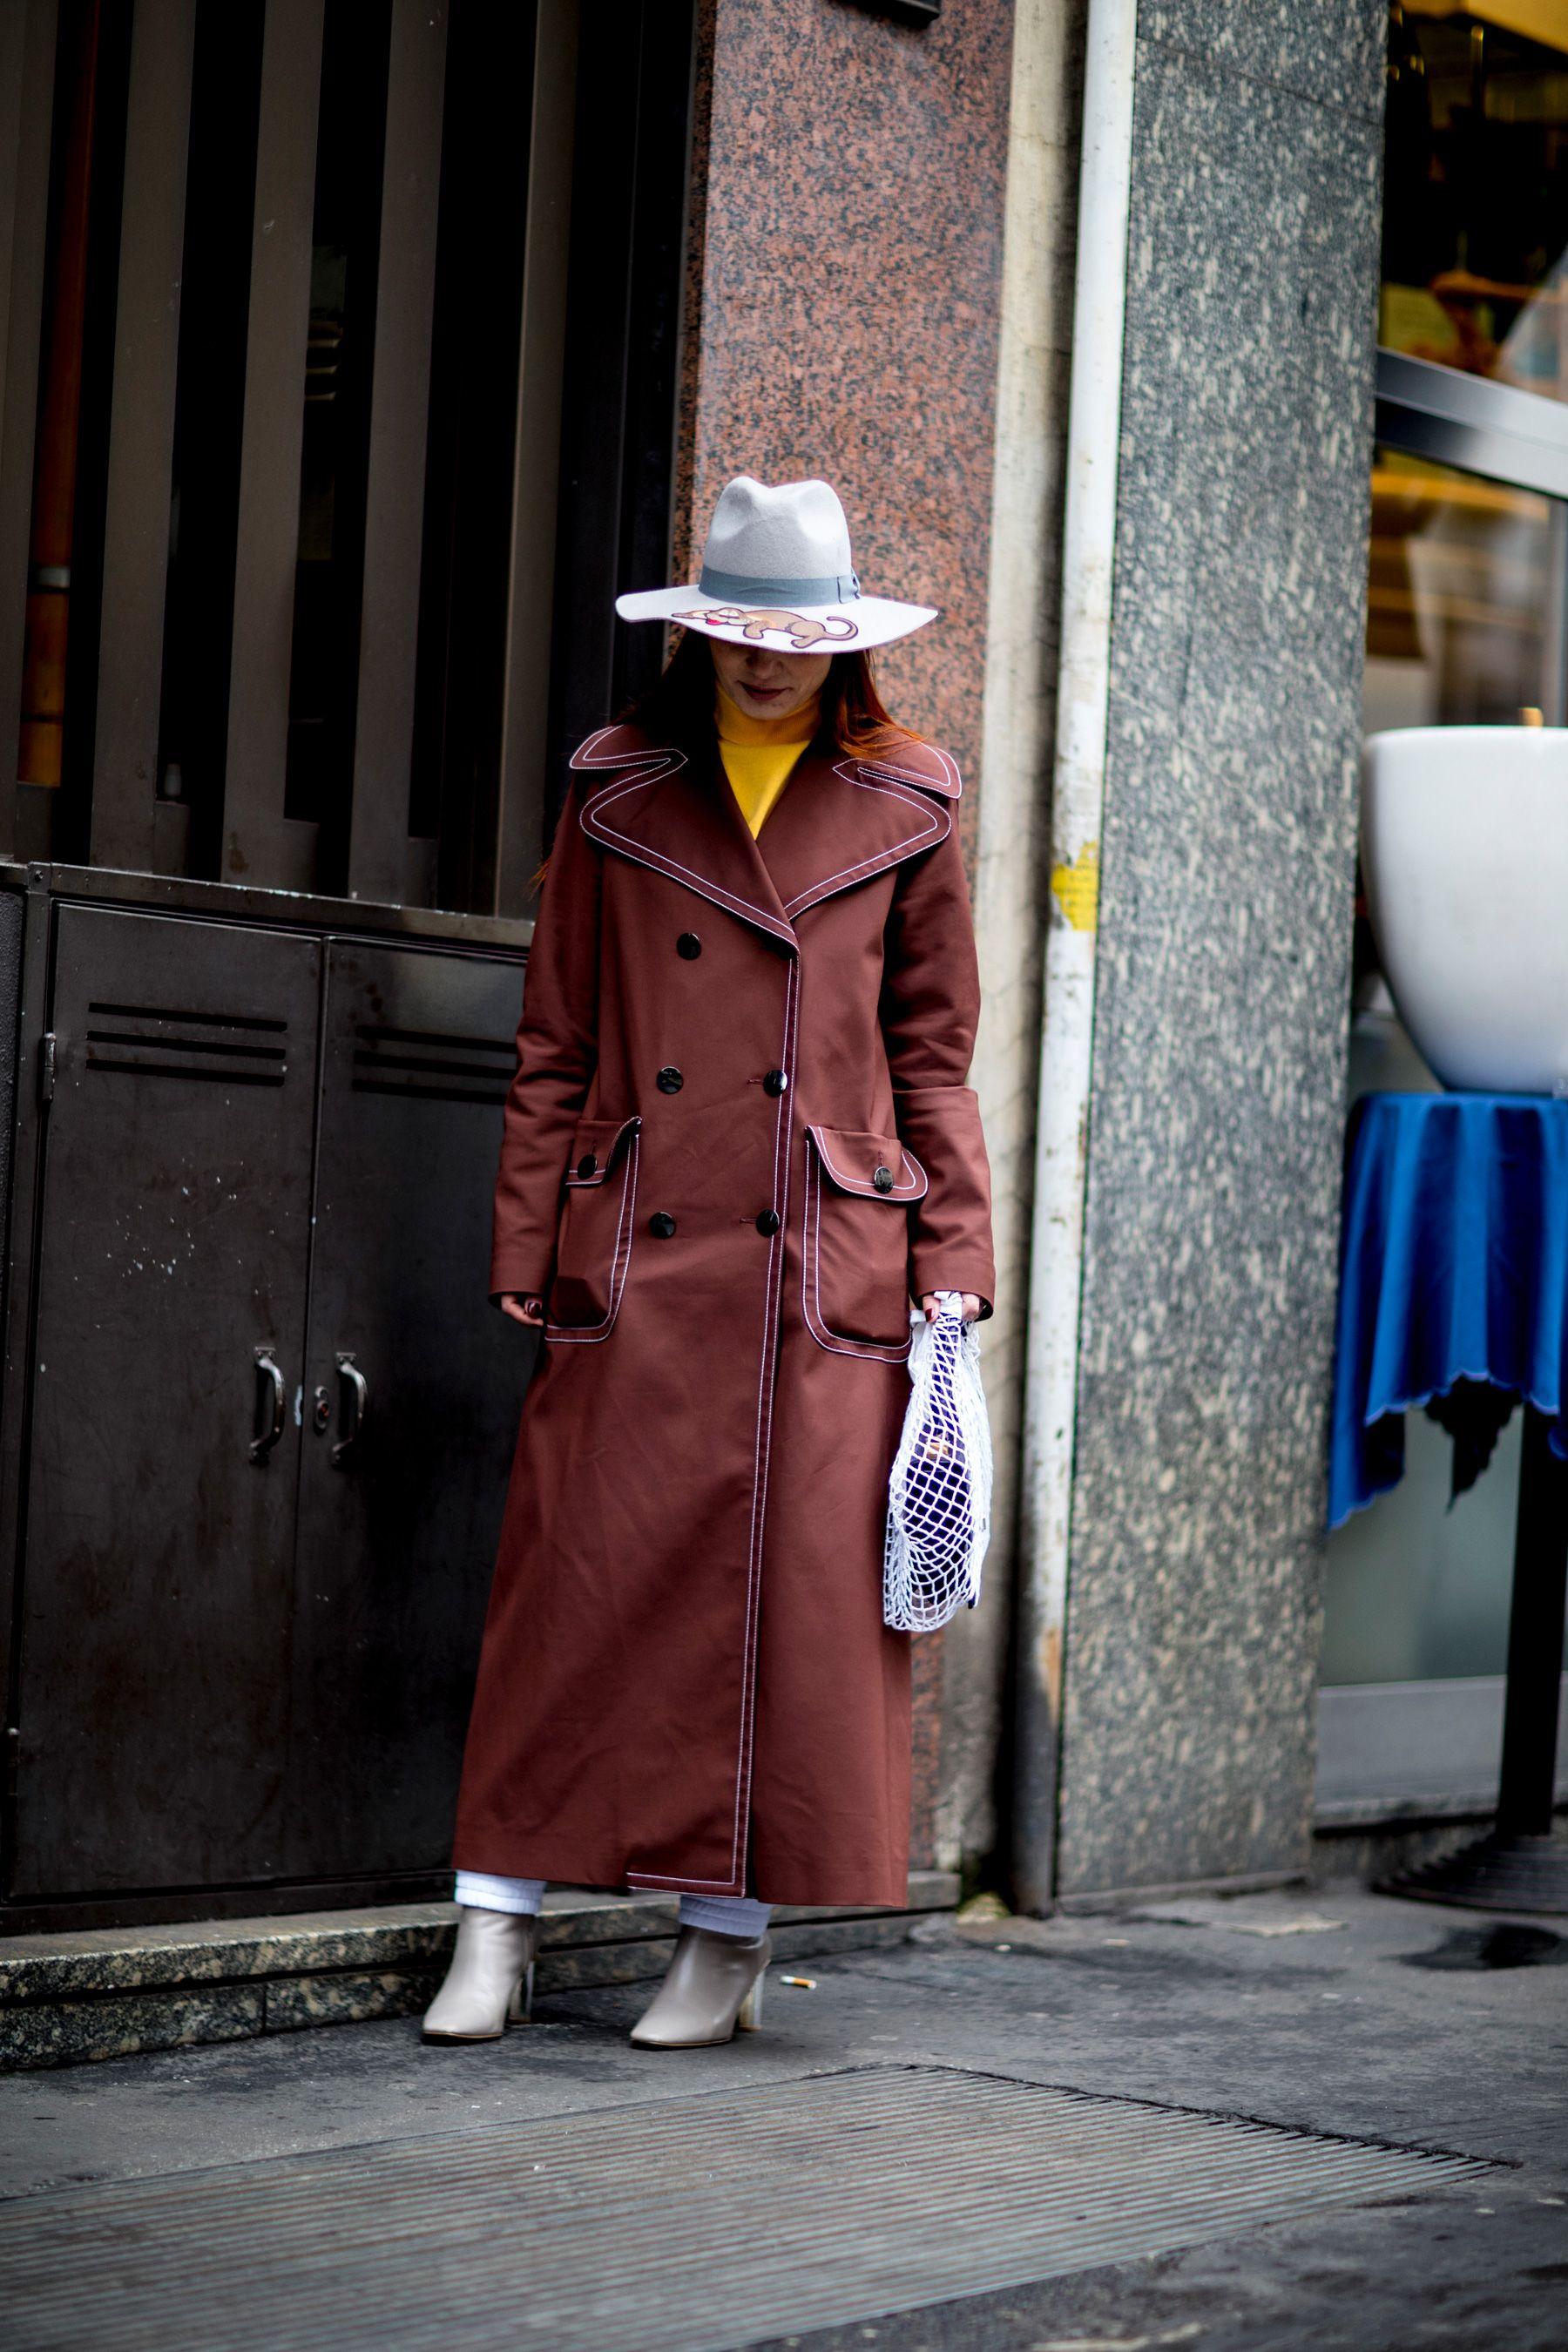 En el street style de Milán, el abrigo largo se vuelve una prenda imprescindible de los looks de las fashionistas.